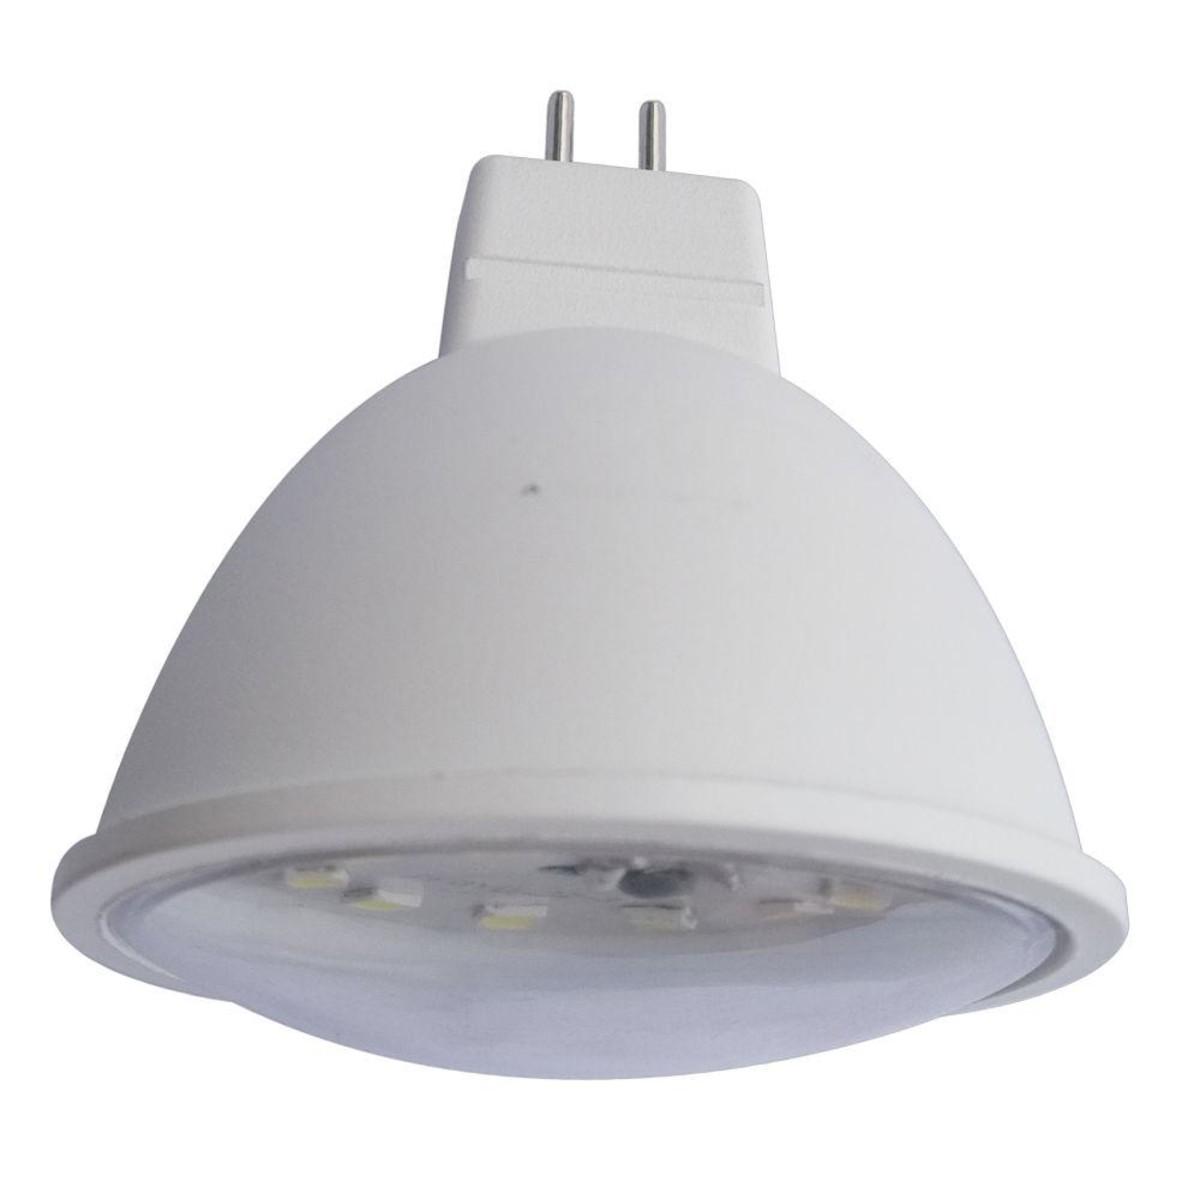 Лампа Ecola Premium светодионая GU5.3 7 Вт рефлекторная 630 Лм нейтральный свет